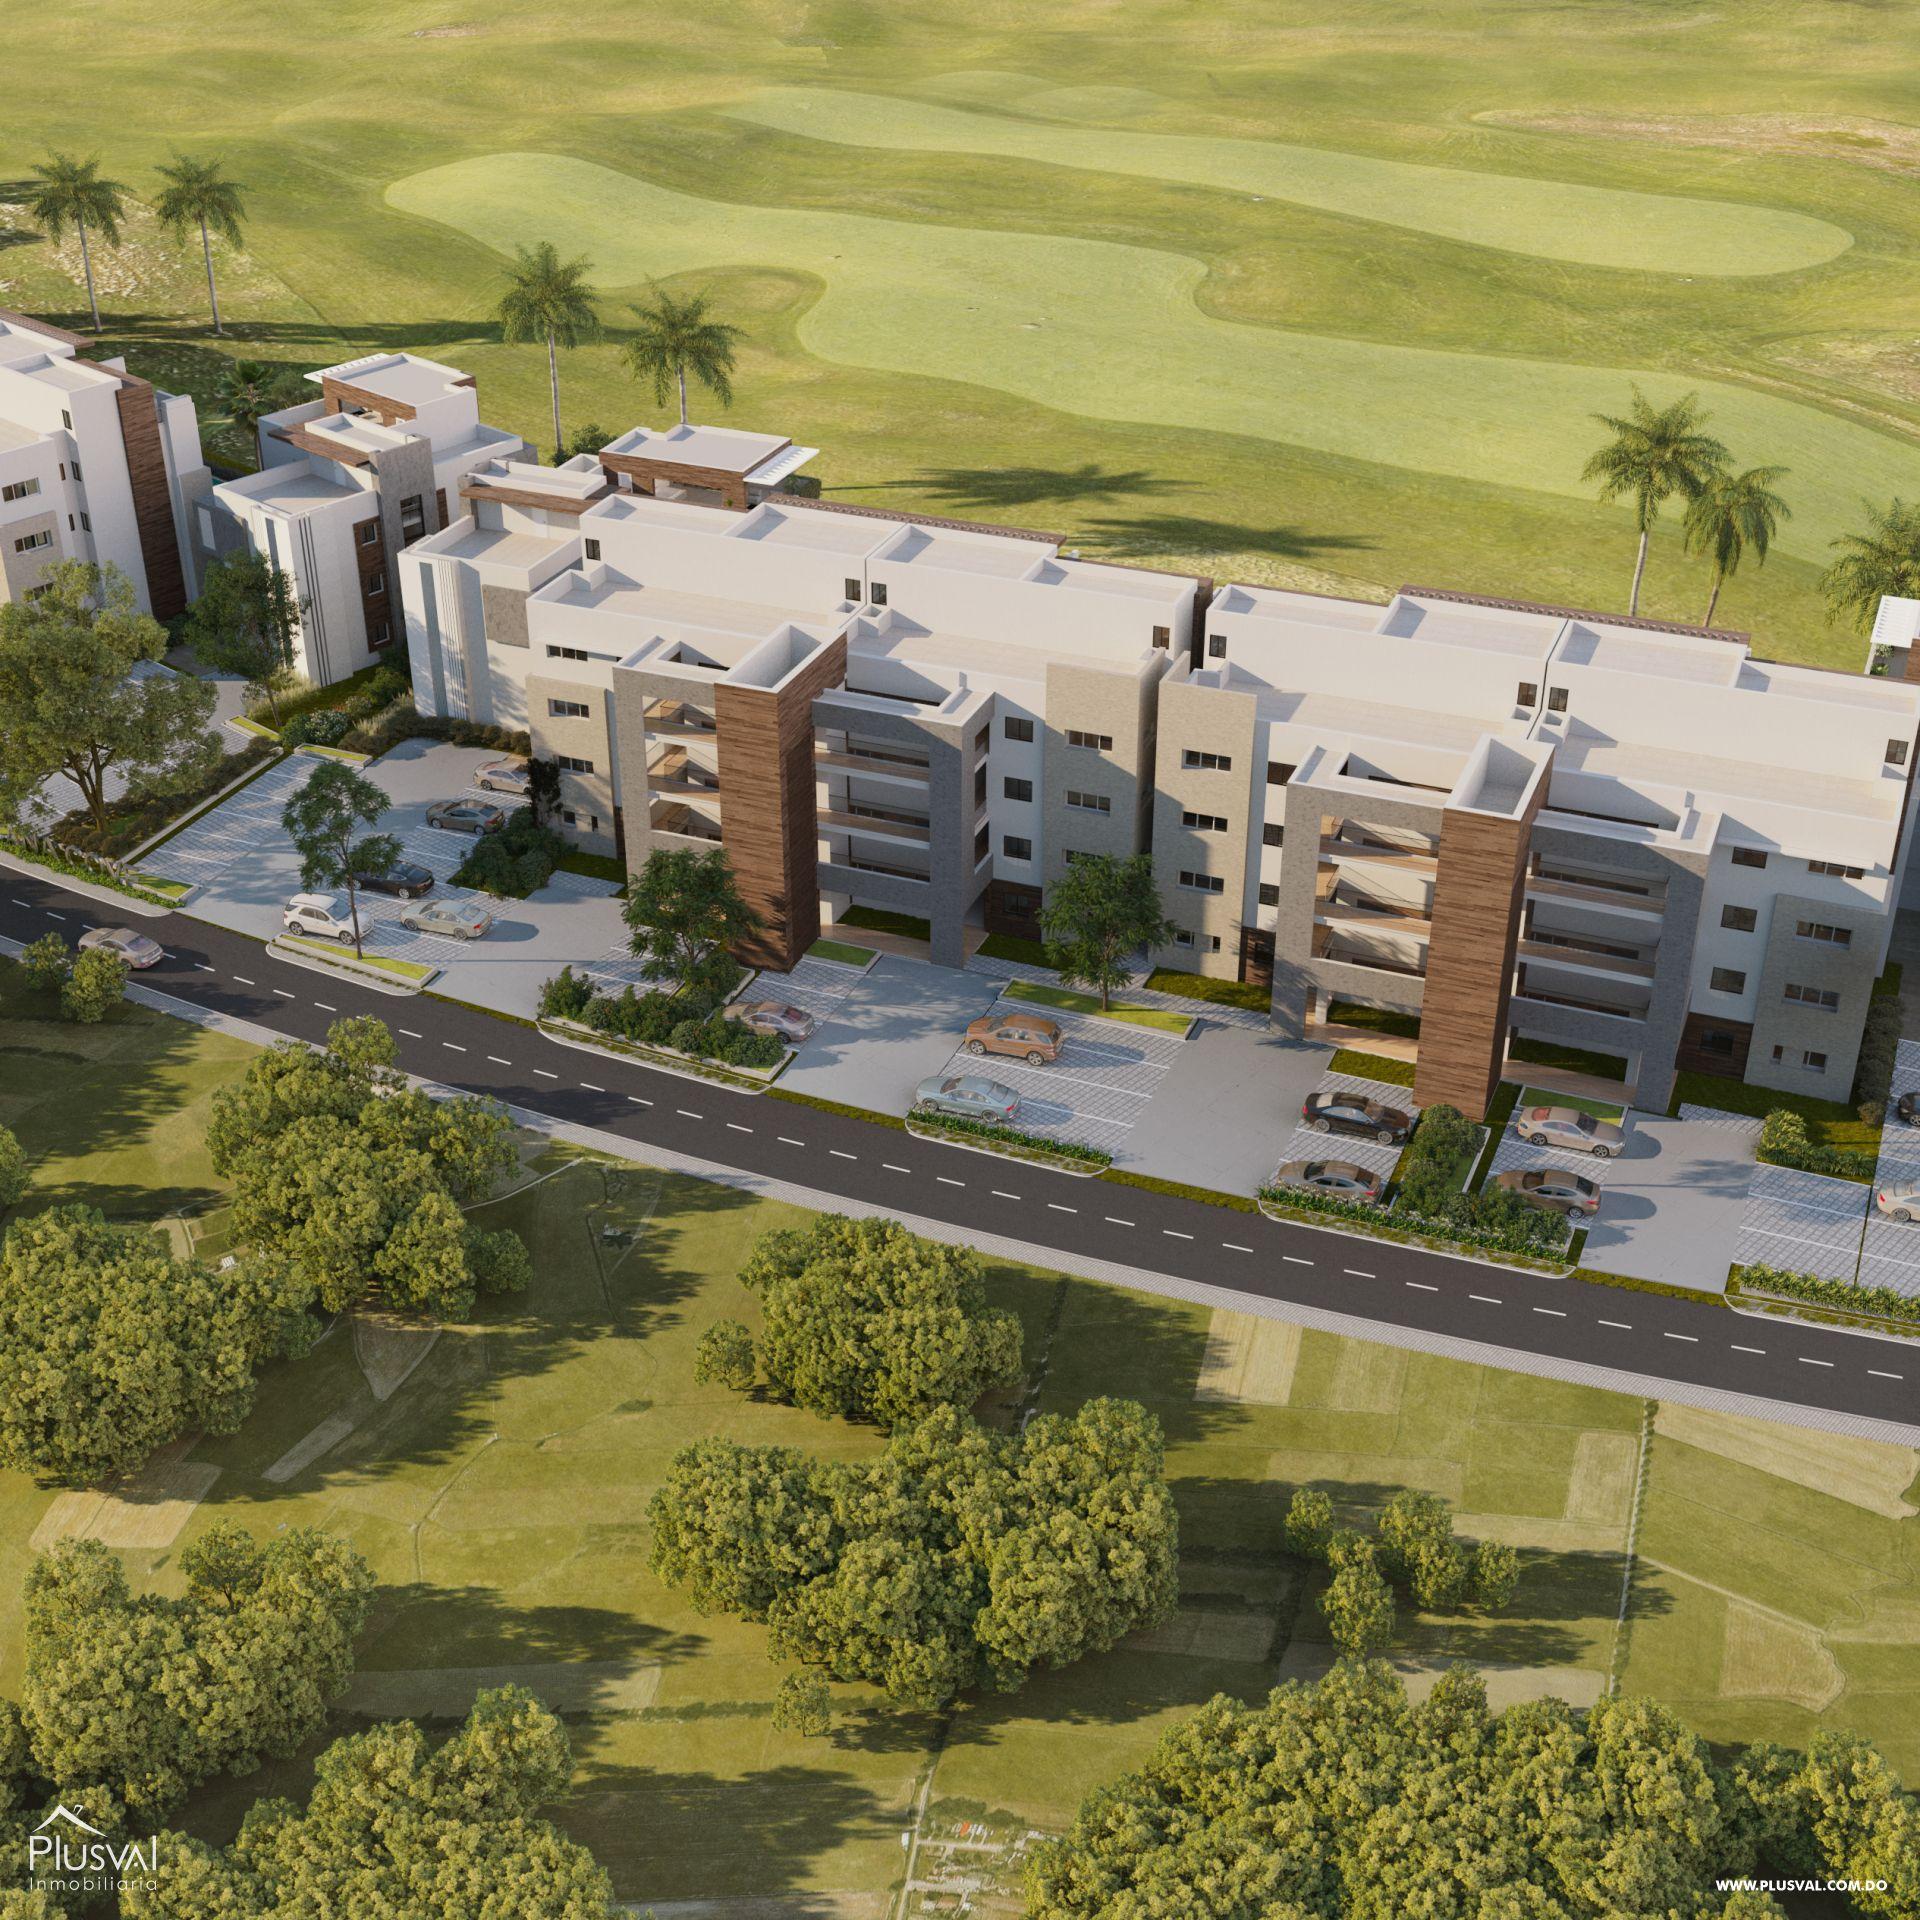 Apartamentos en Venta, en exclusiva comunidad en Cana Bay 188602